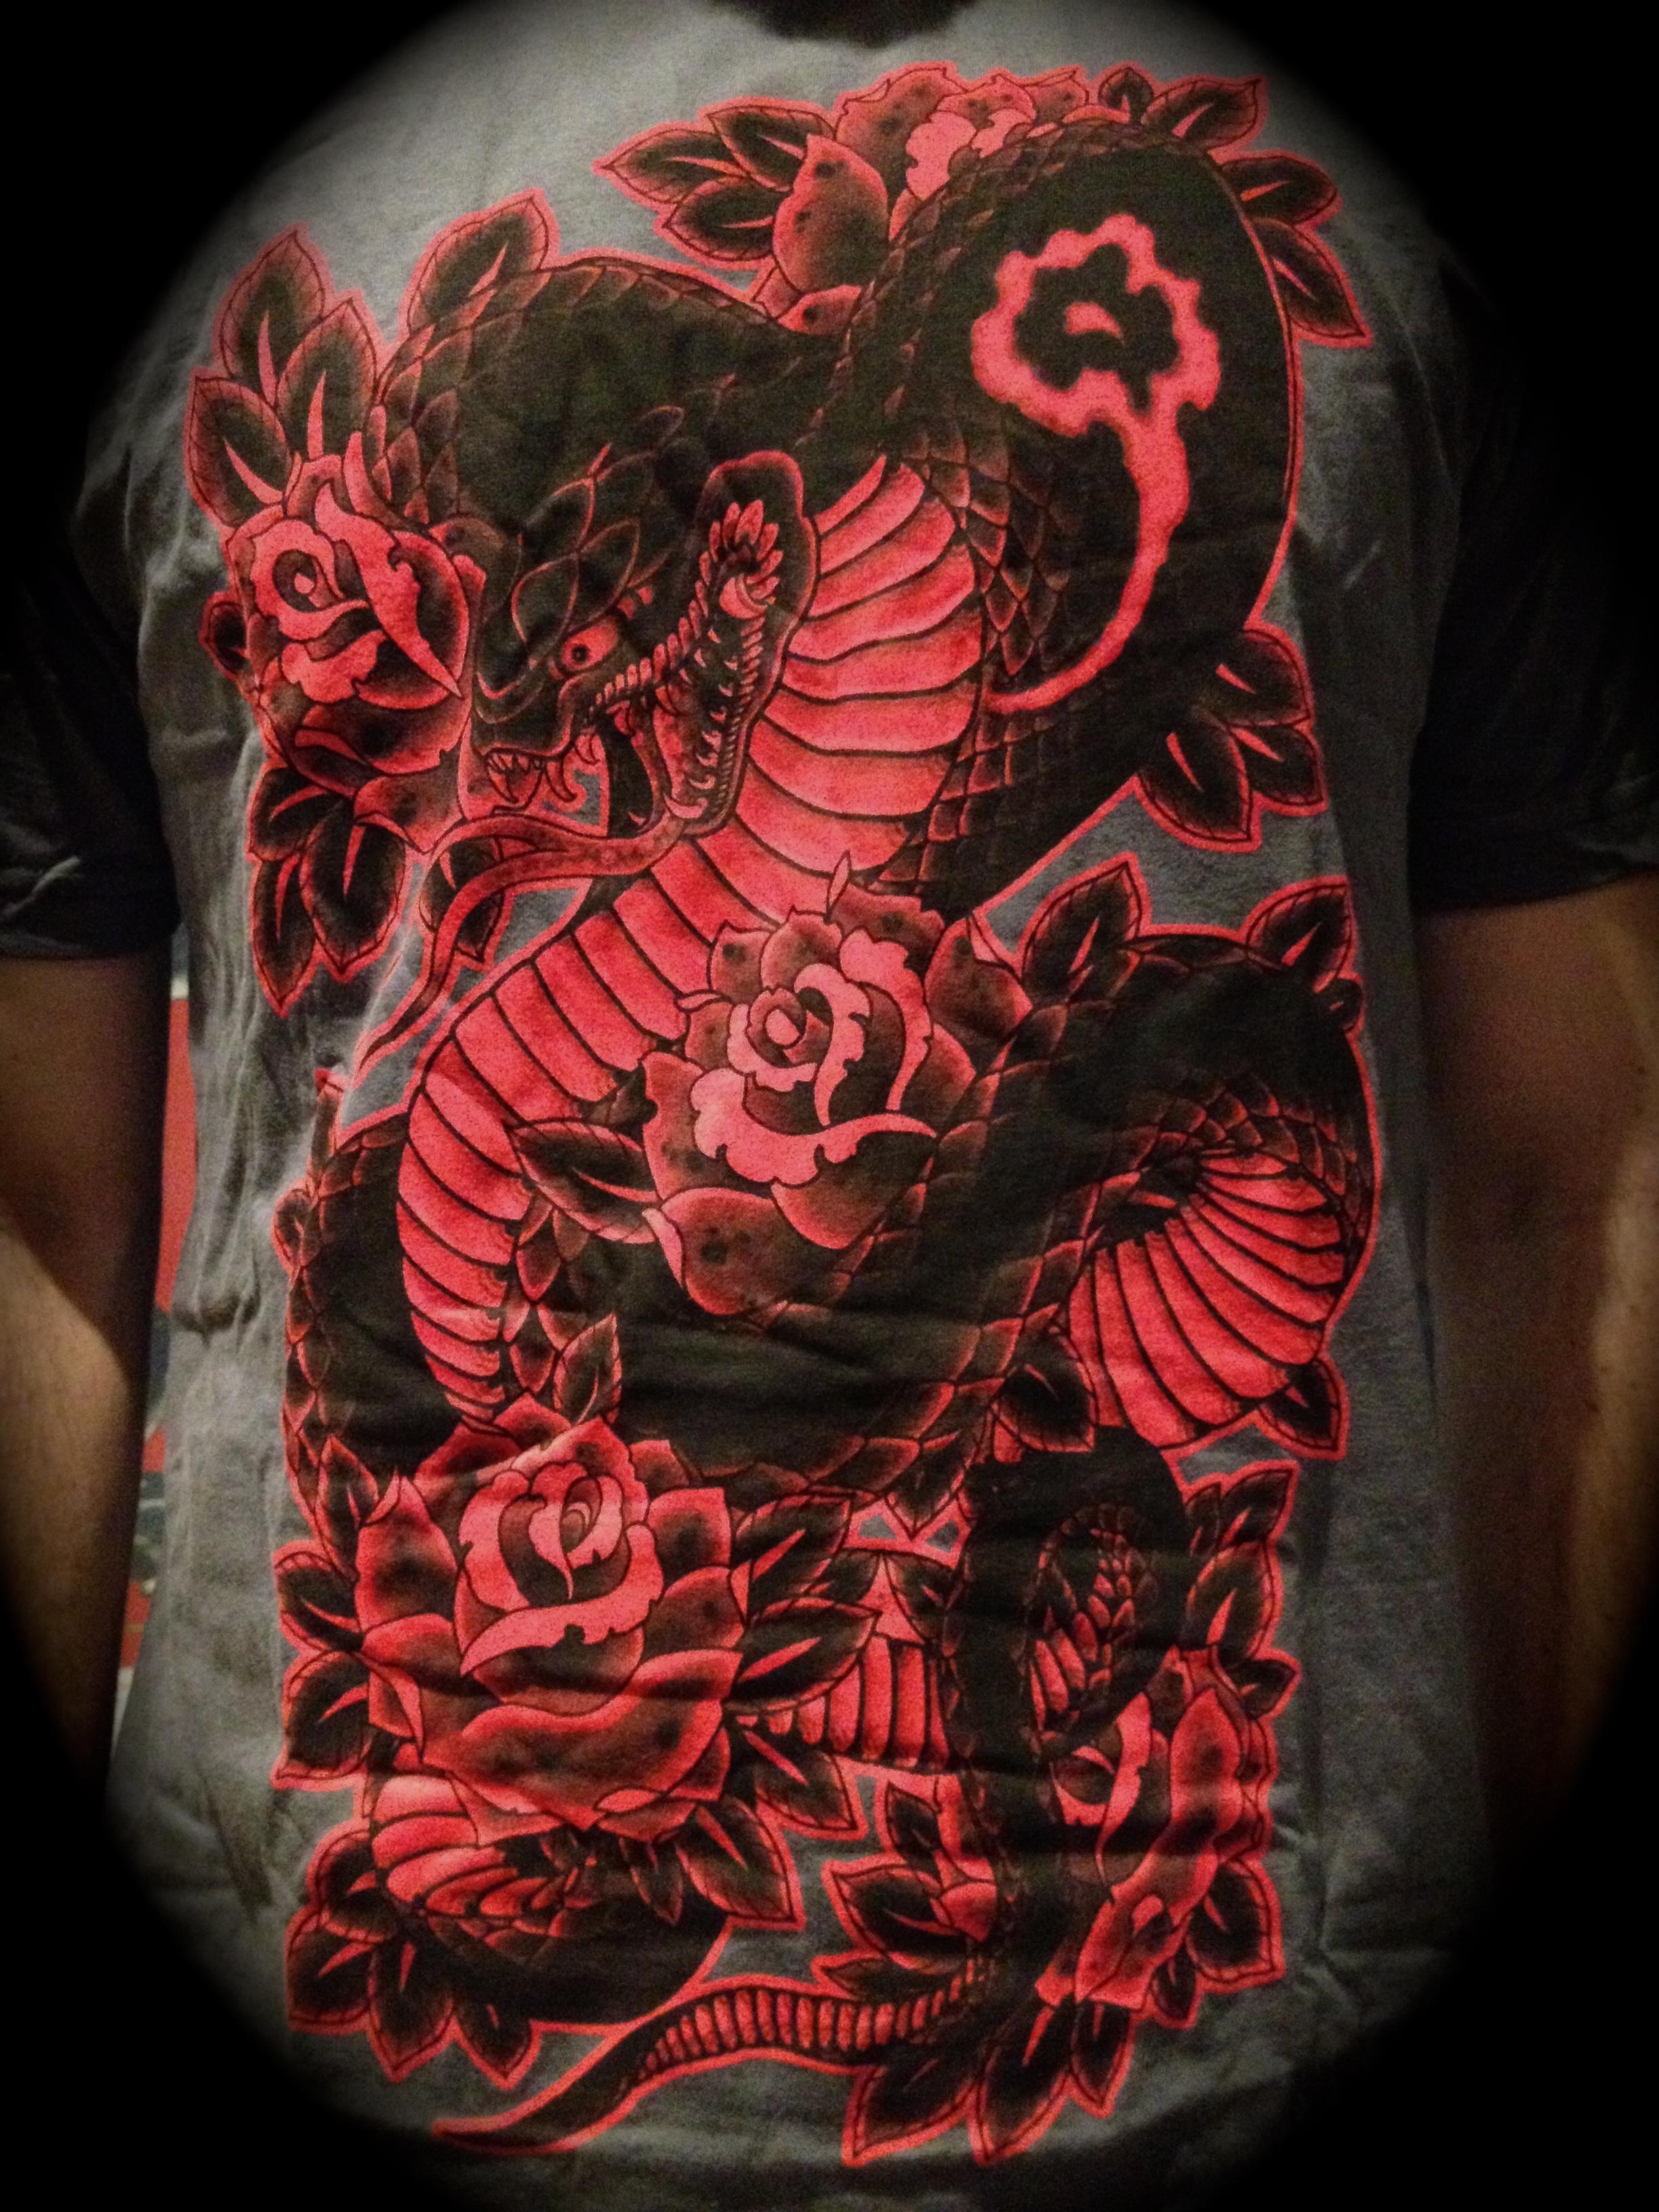 Cobra & Roses T-shirt: Asphalt Gray/Black & Red 00095